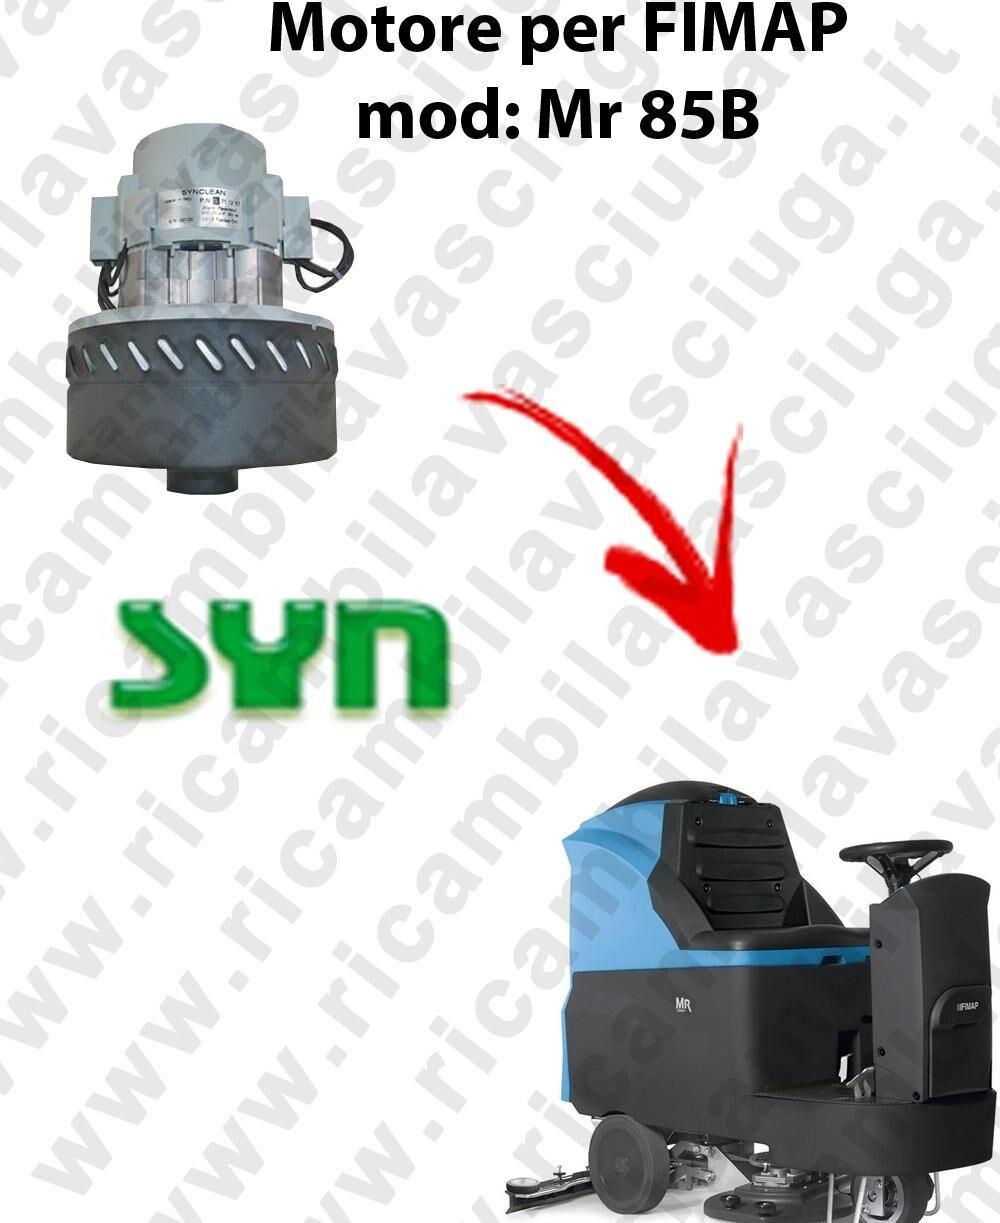 Fimap Mr 85 B Motore aspirazione SYN per lavapavimenti